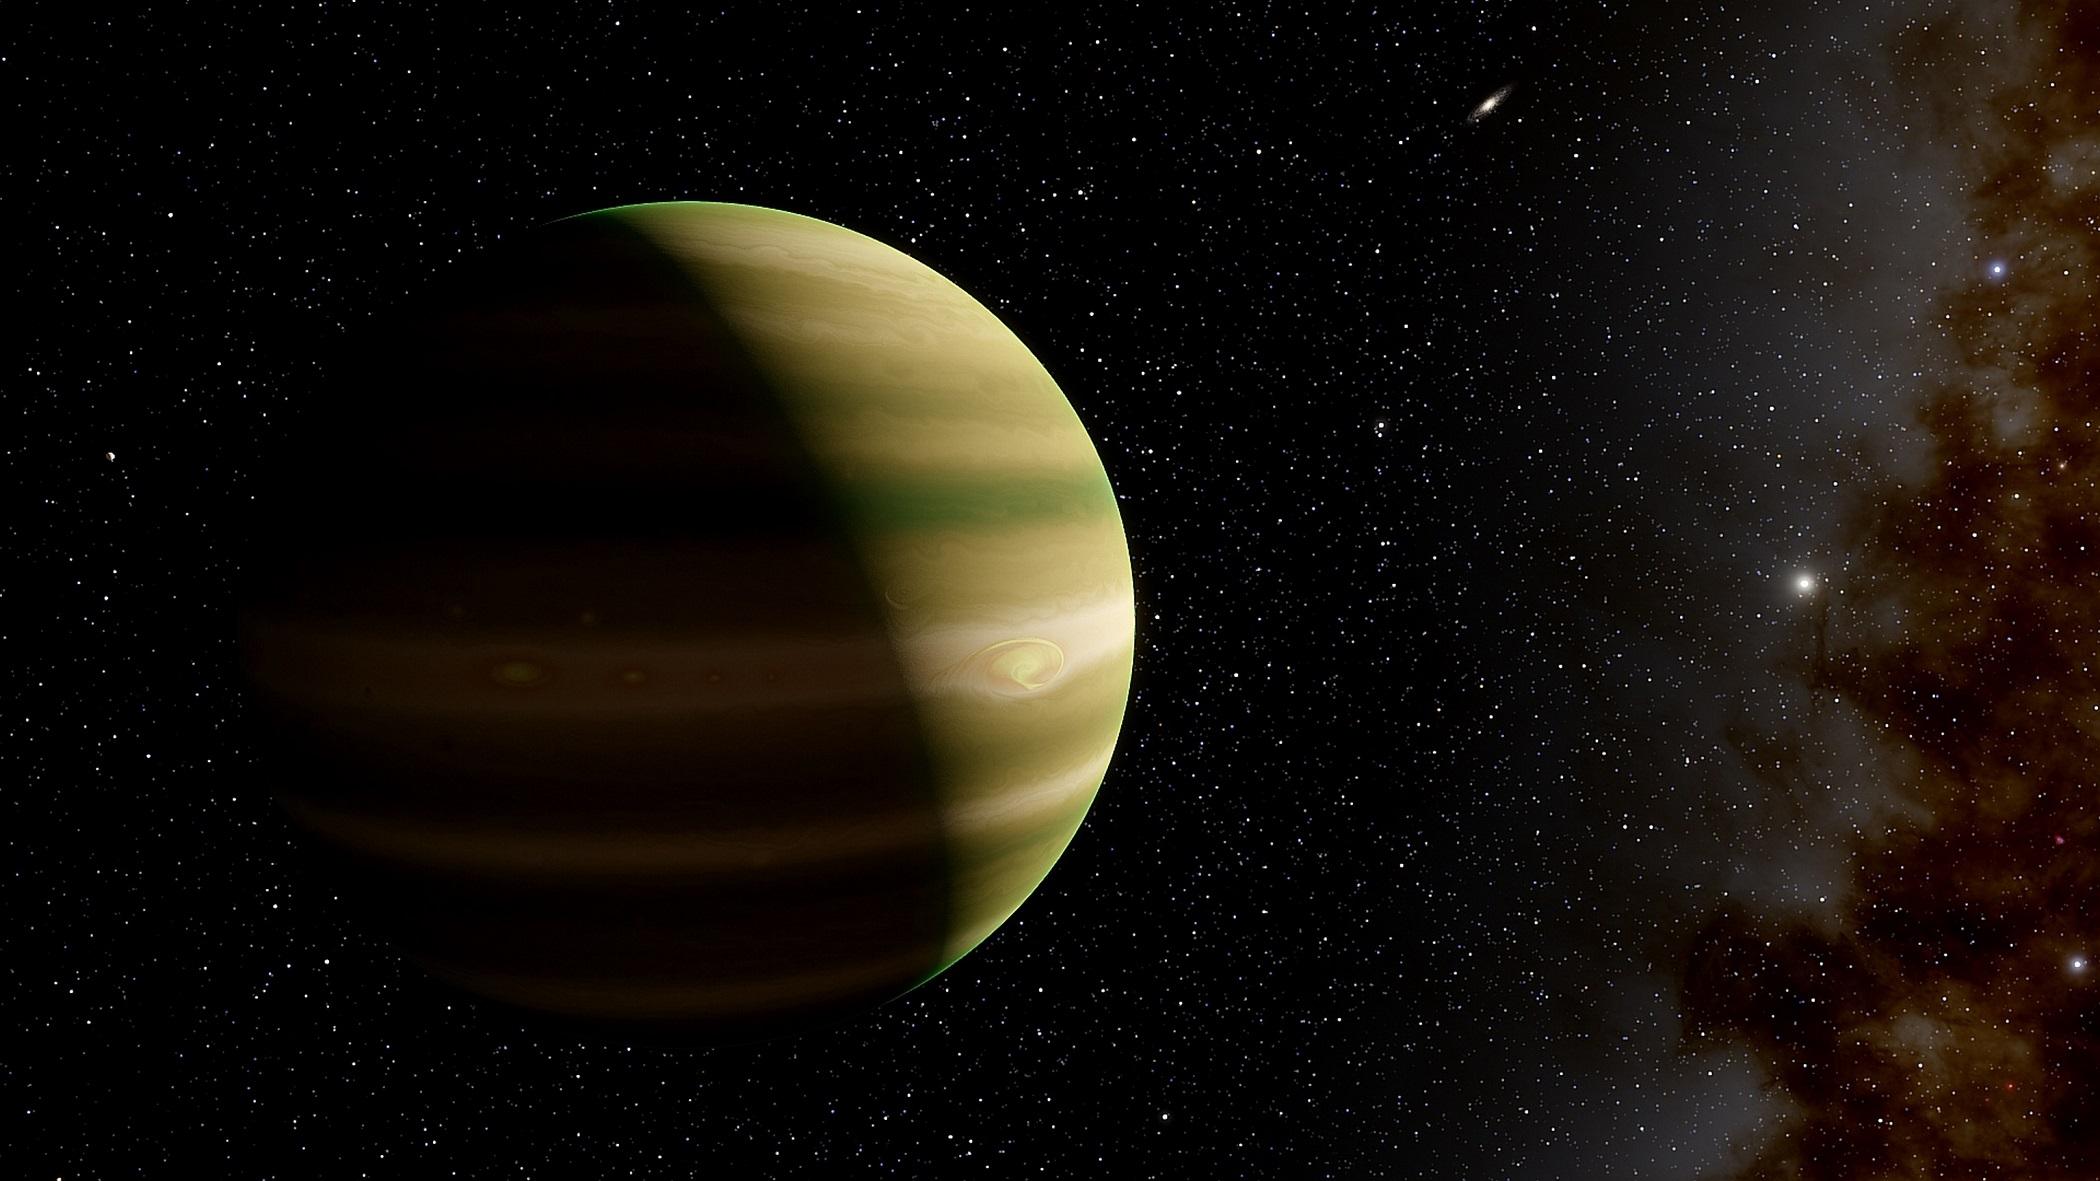 新發現:孤獨類地行星游弋銀河系